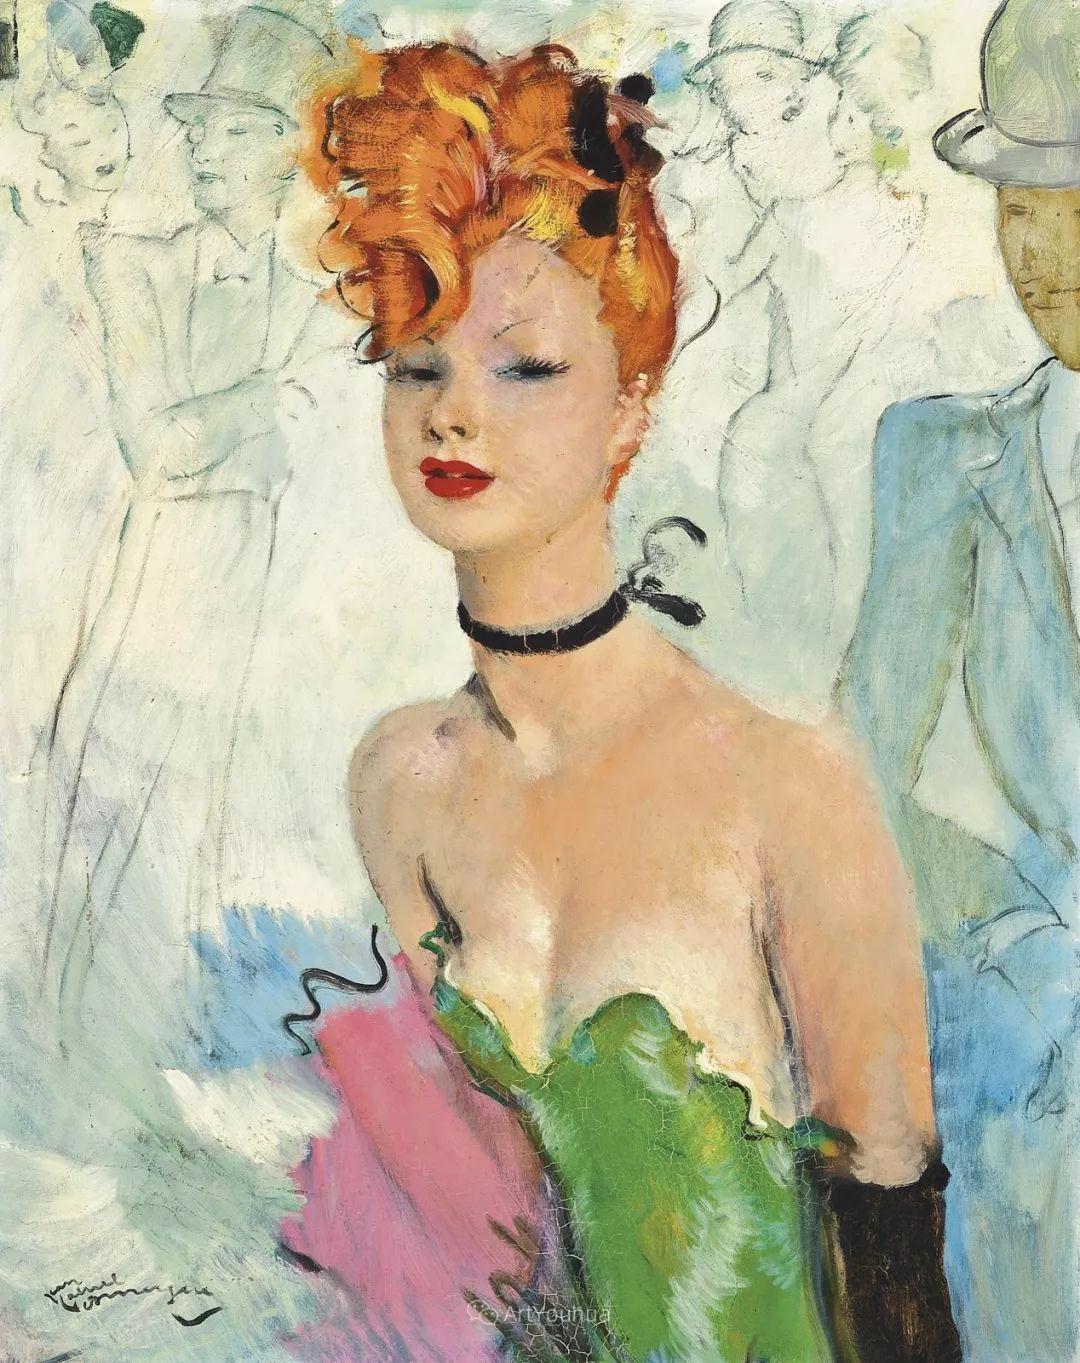 他画中的美女:典雅美丽天鹅颈,脸上带着调情趣味插图9